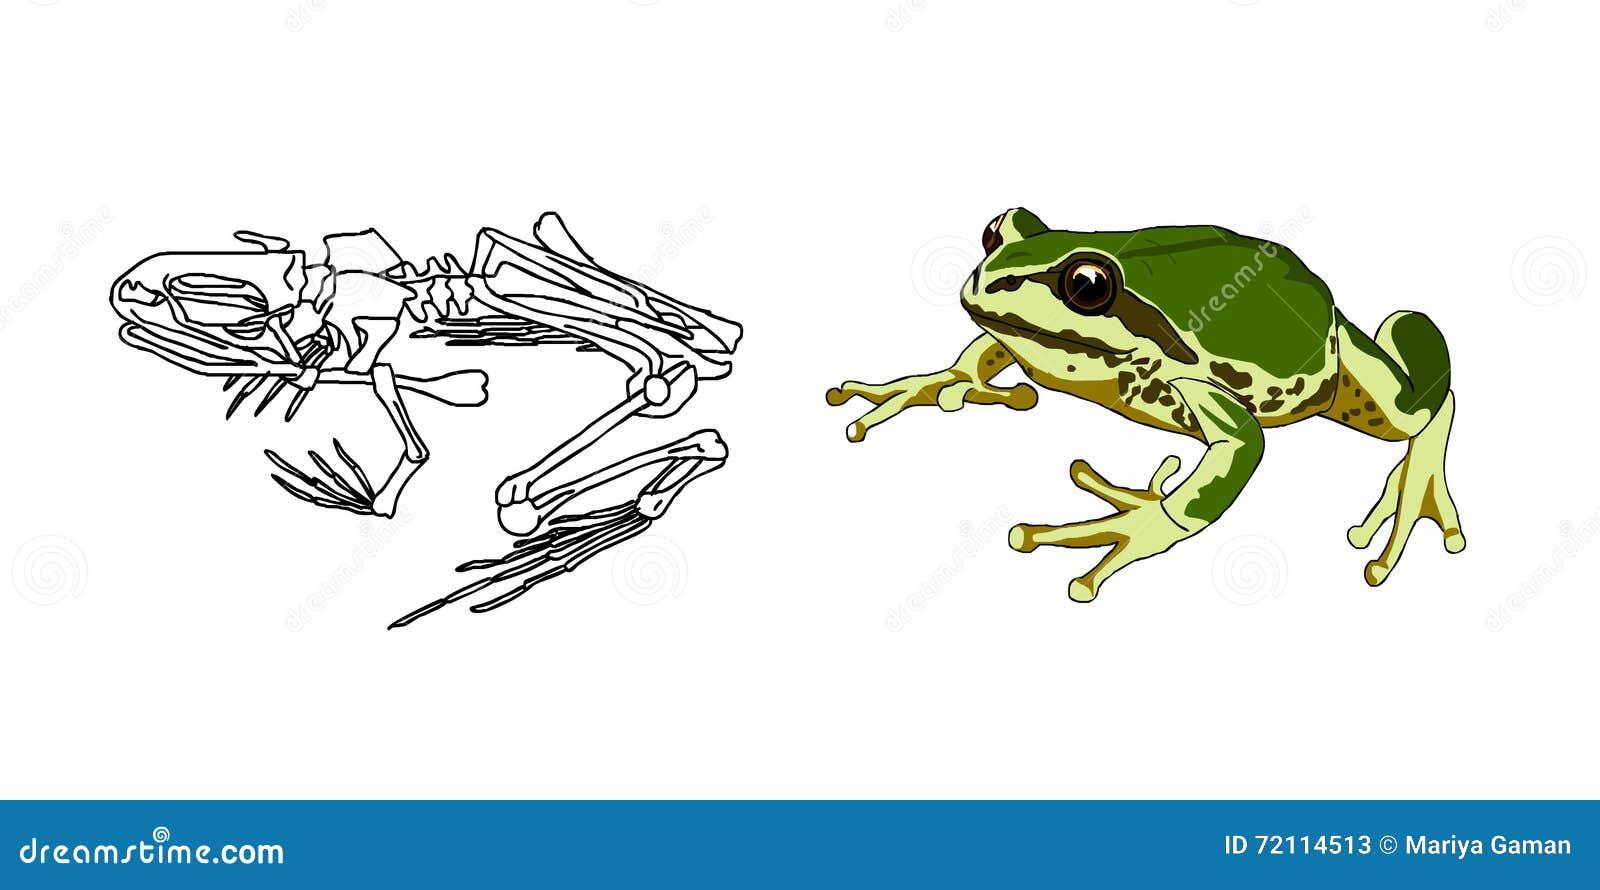 El Esqueleto De Anfibios Sapo Rana Anatomía Vector Ilustración del ...